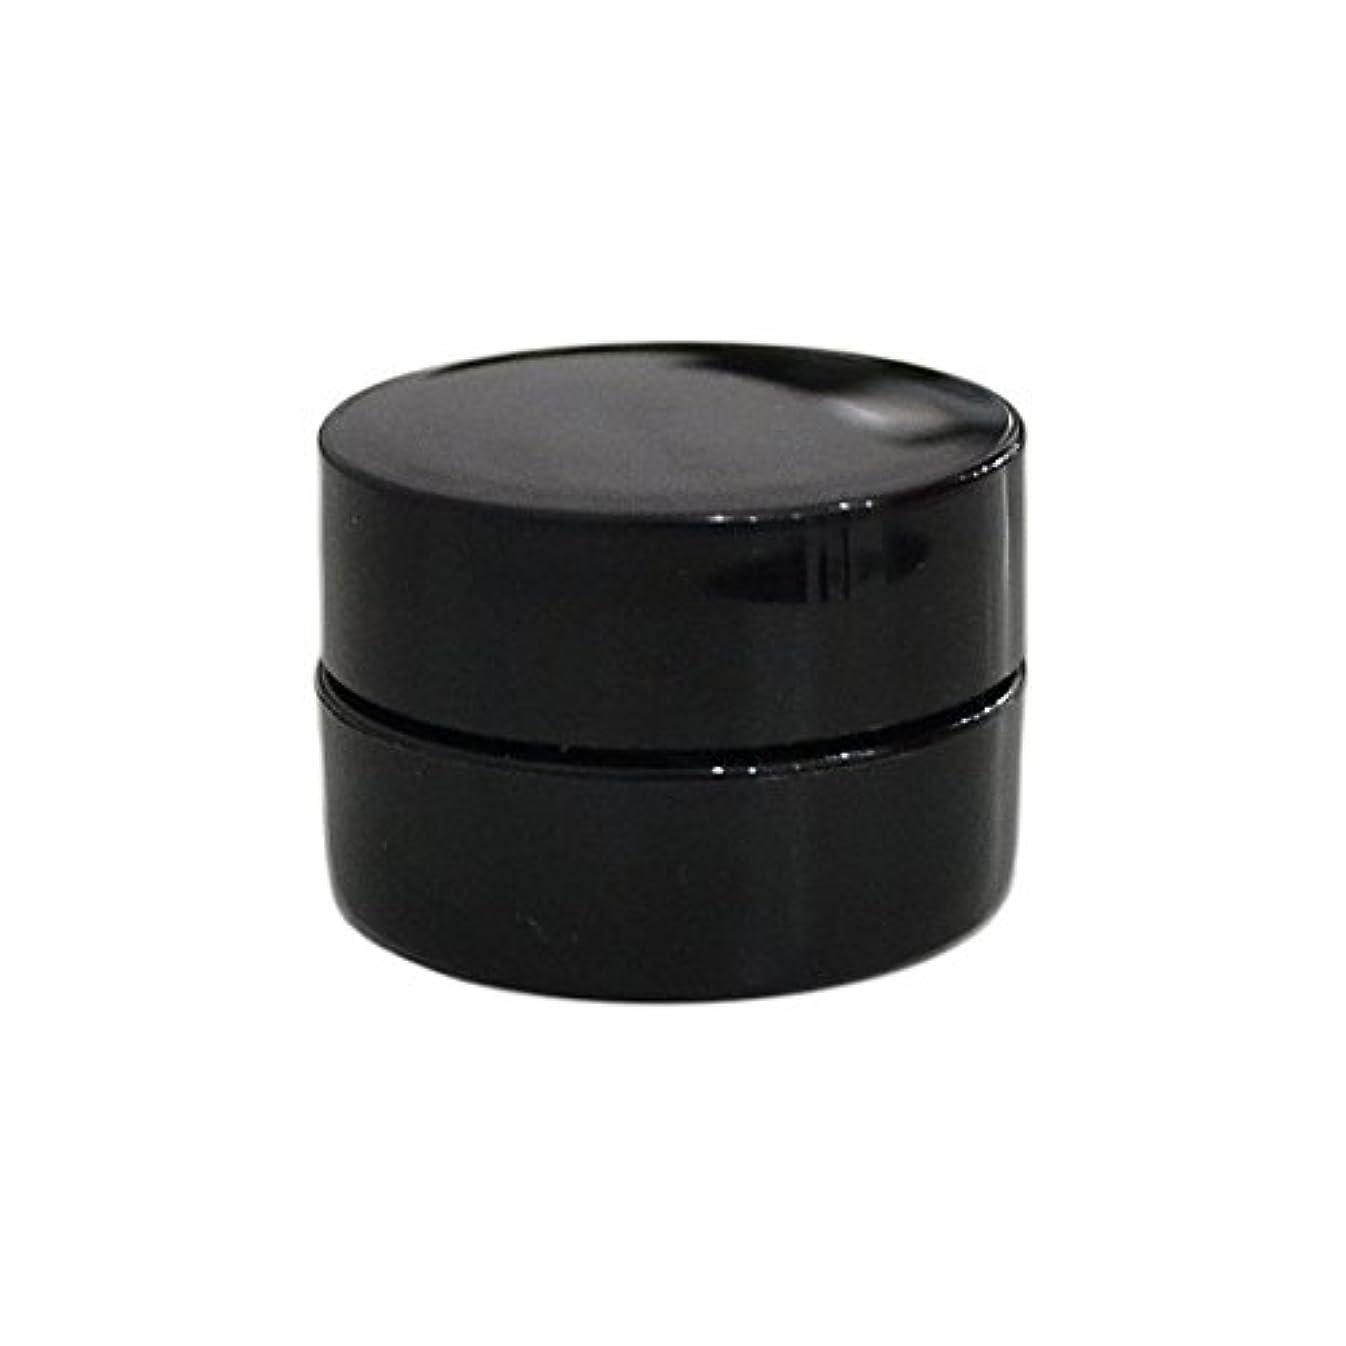 処理するピース浸食純国産ネイルジェルコンテナ 3g用 GA3g 漏れ防止パッキン&ブラシプレート付容器 ジェルを無駄なく使える底面傾斜あり 遮光 黒 ブラック